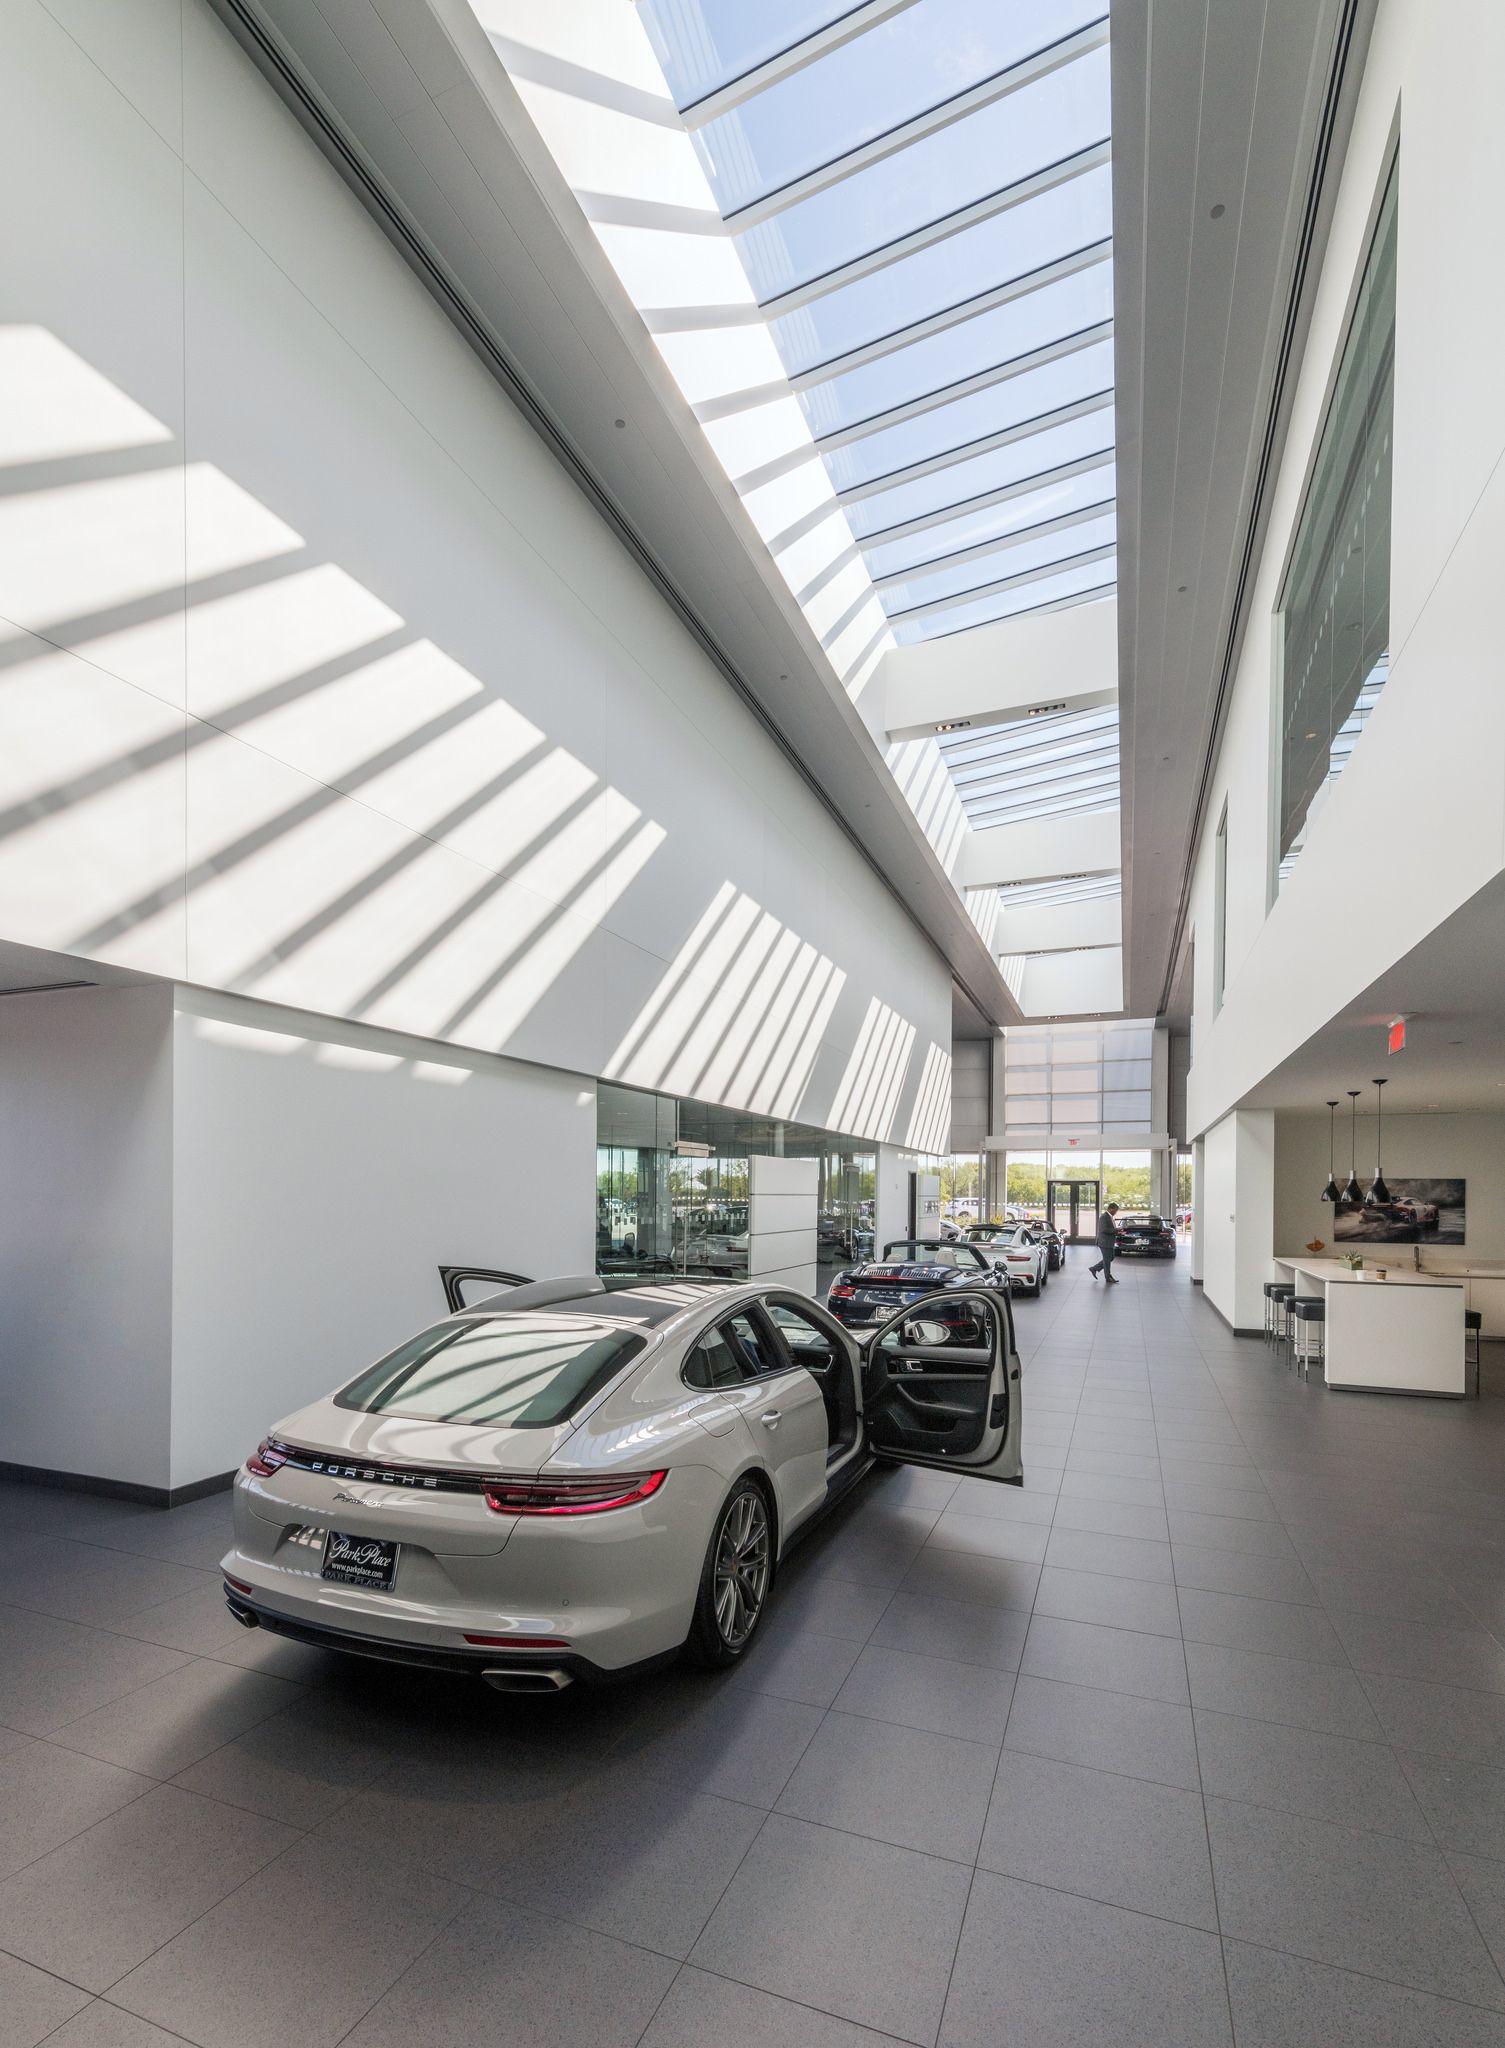 Park Place Porsche